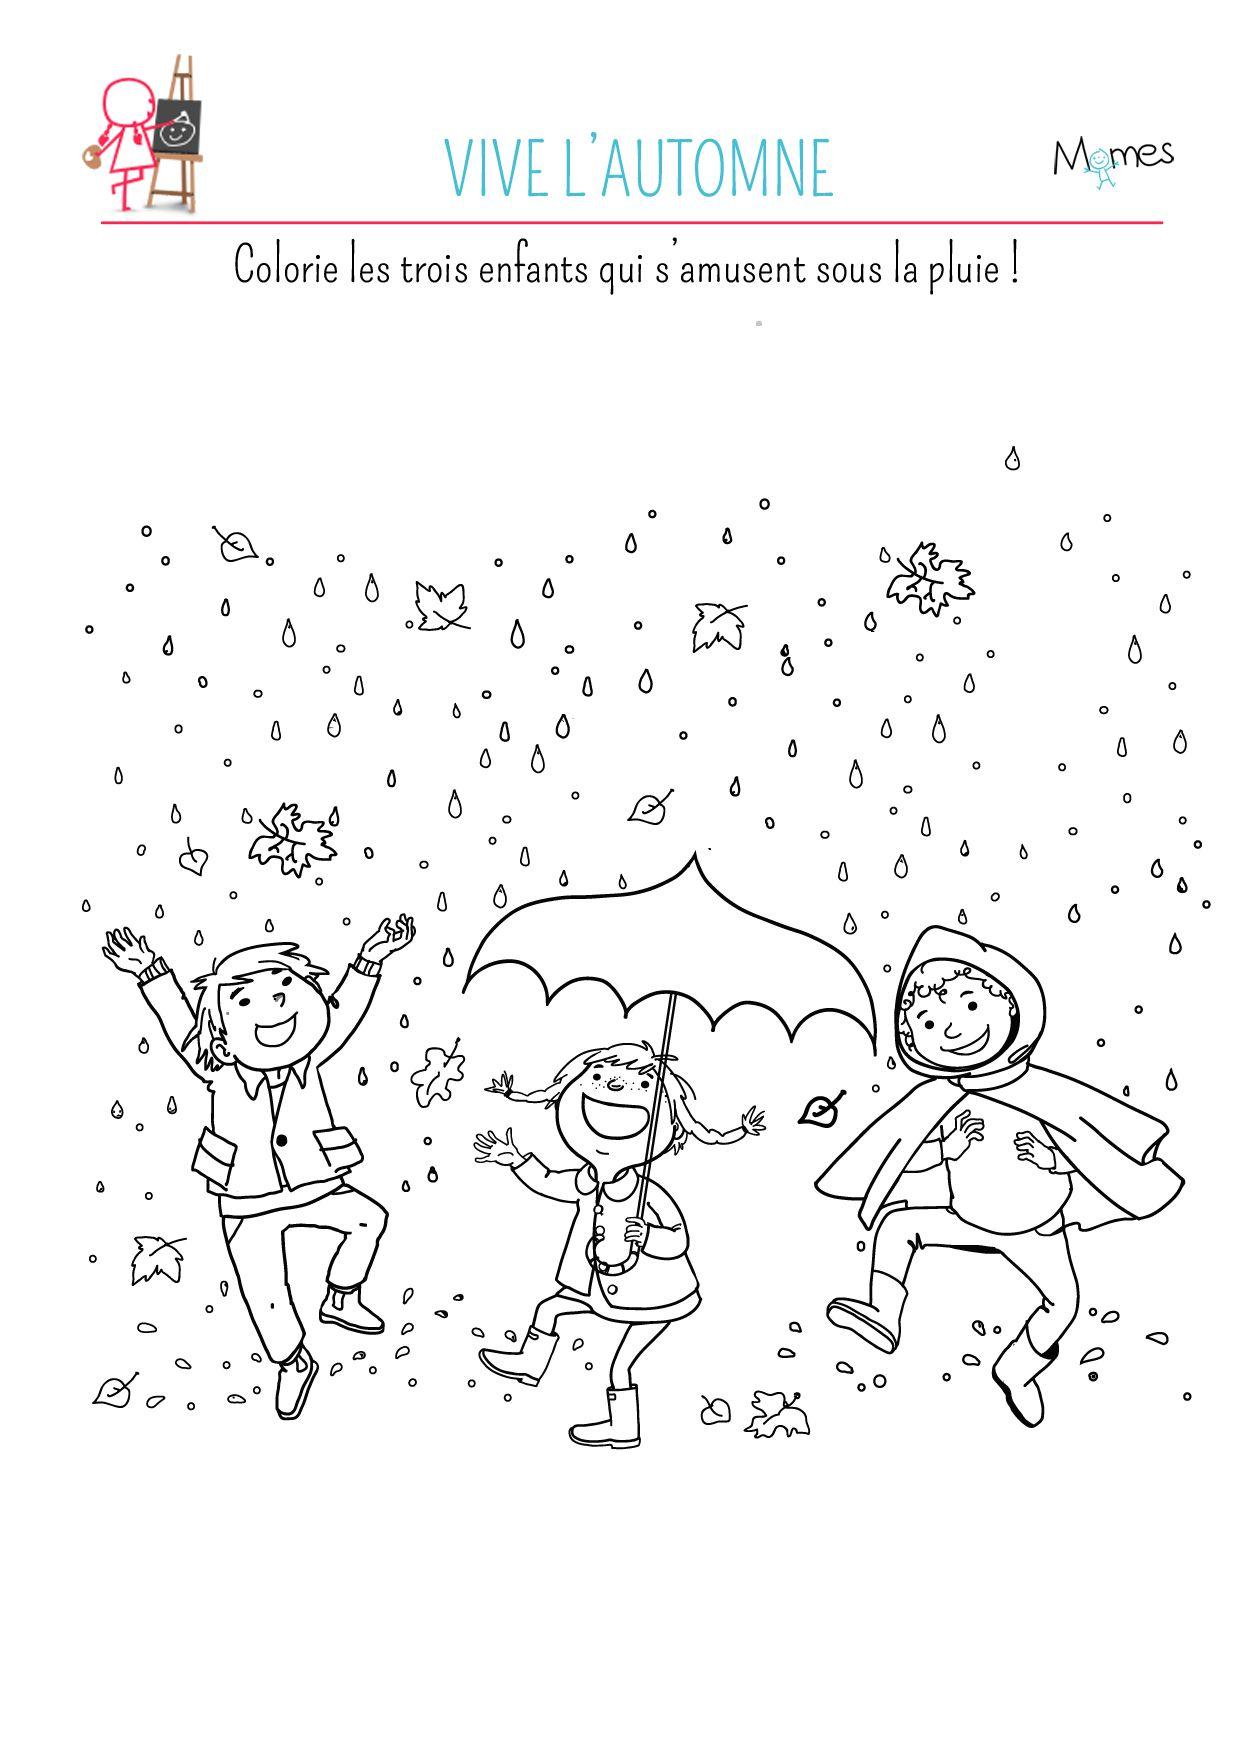 Coloriage Vive Les Feuilles Dautomne Activité Coloriage